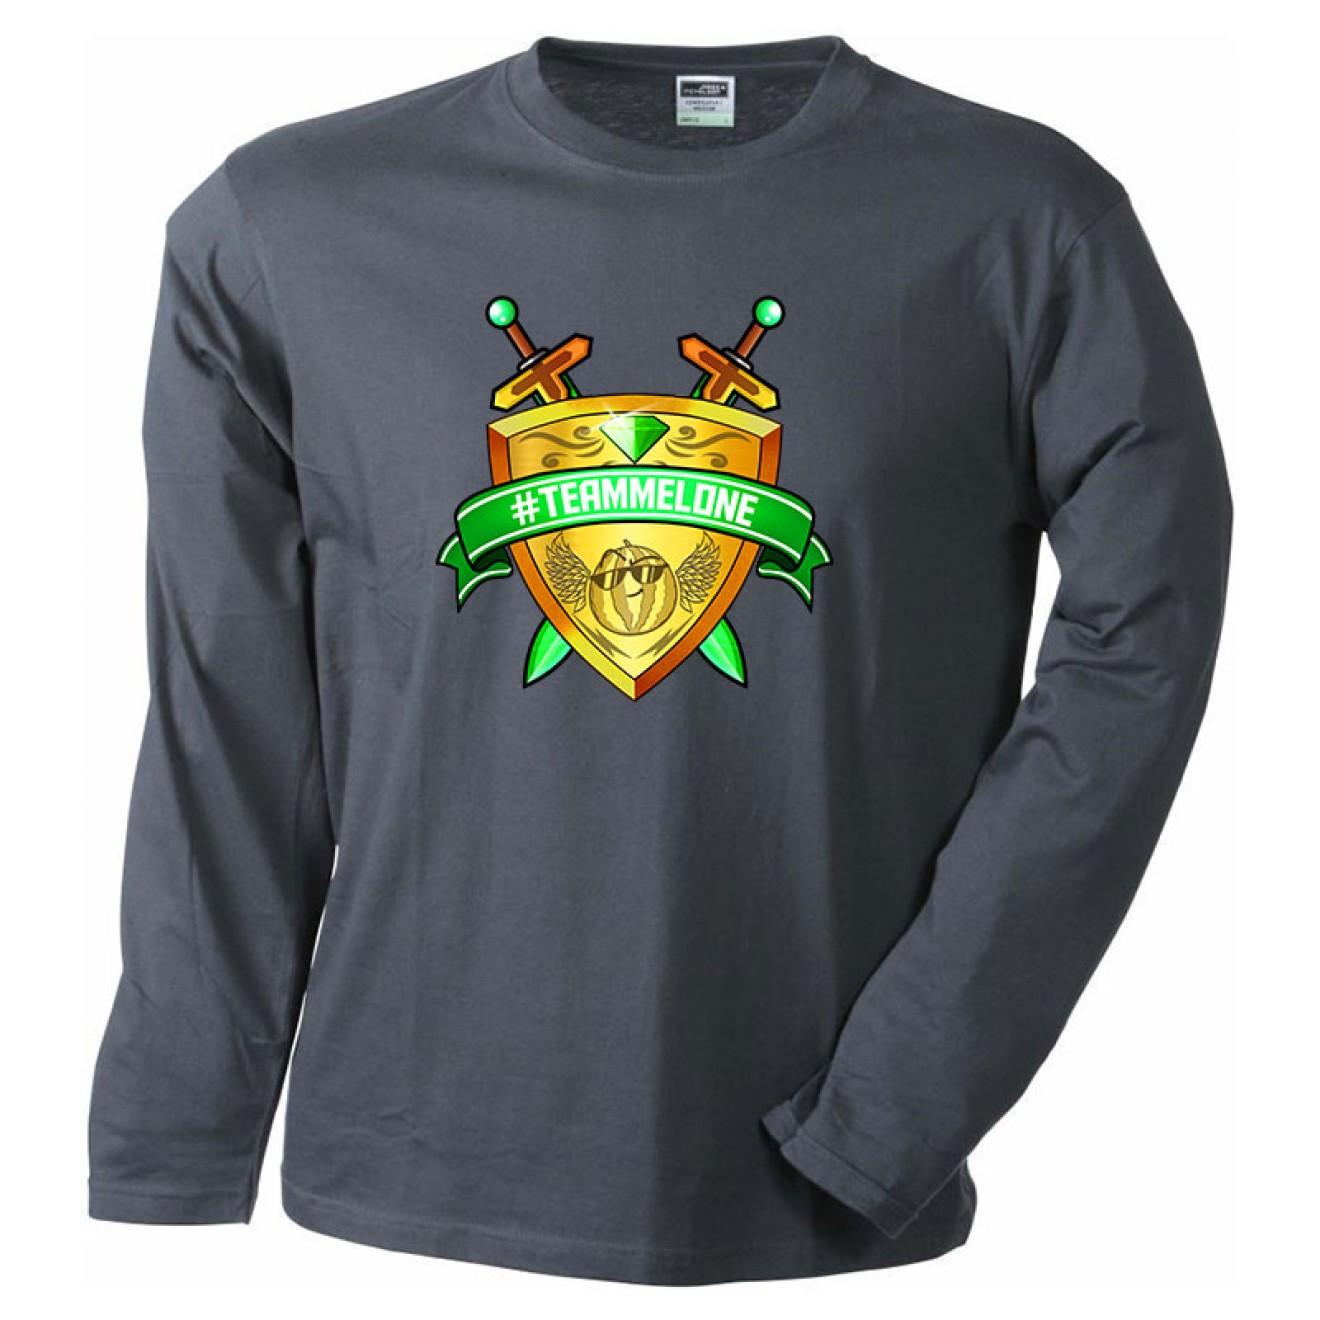 quality design 5f096 e4de7 Team Melone LEGEND GRÜN Langarm-Shirt